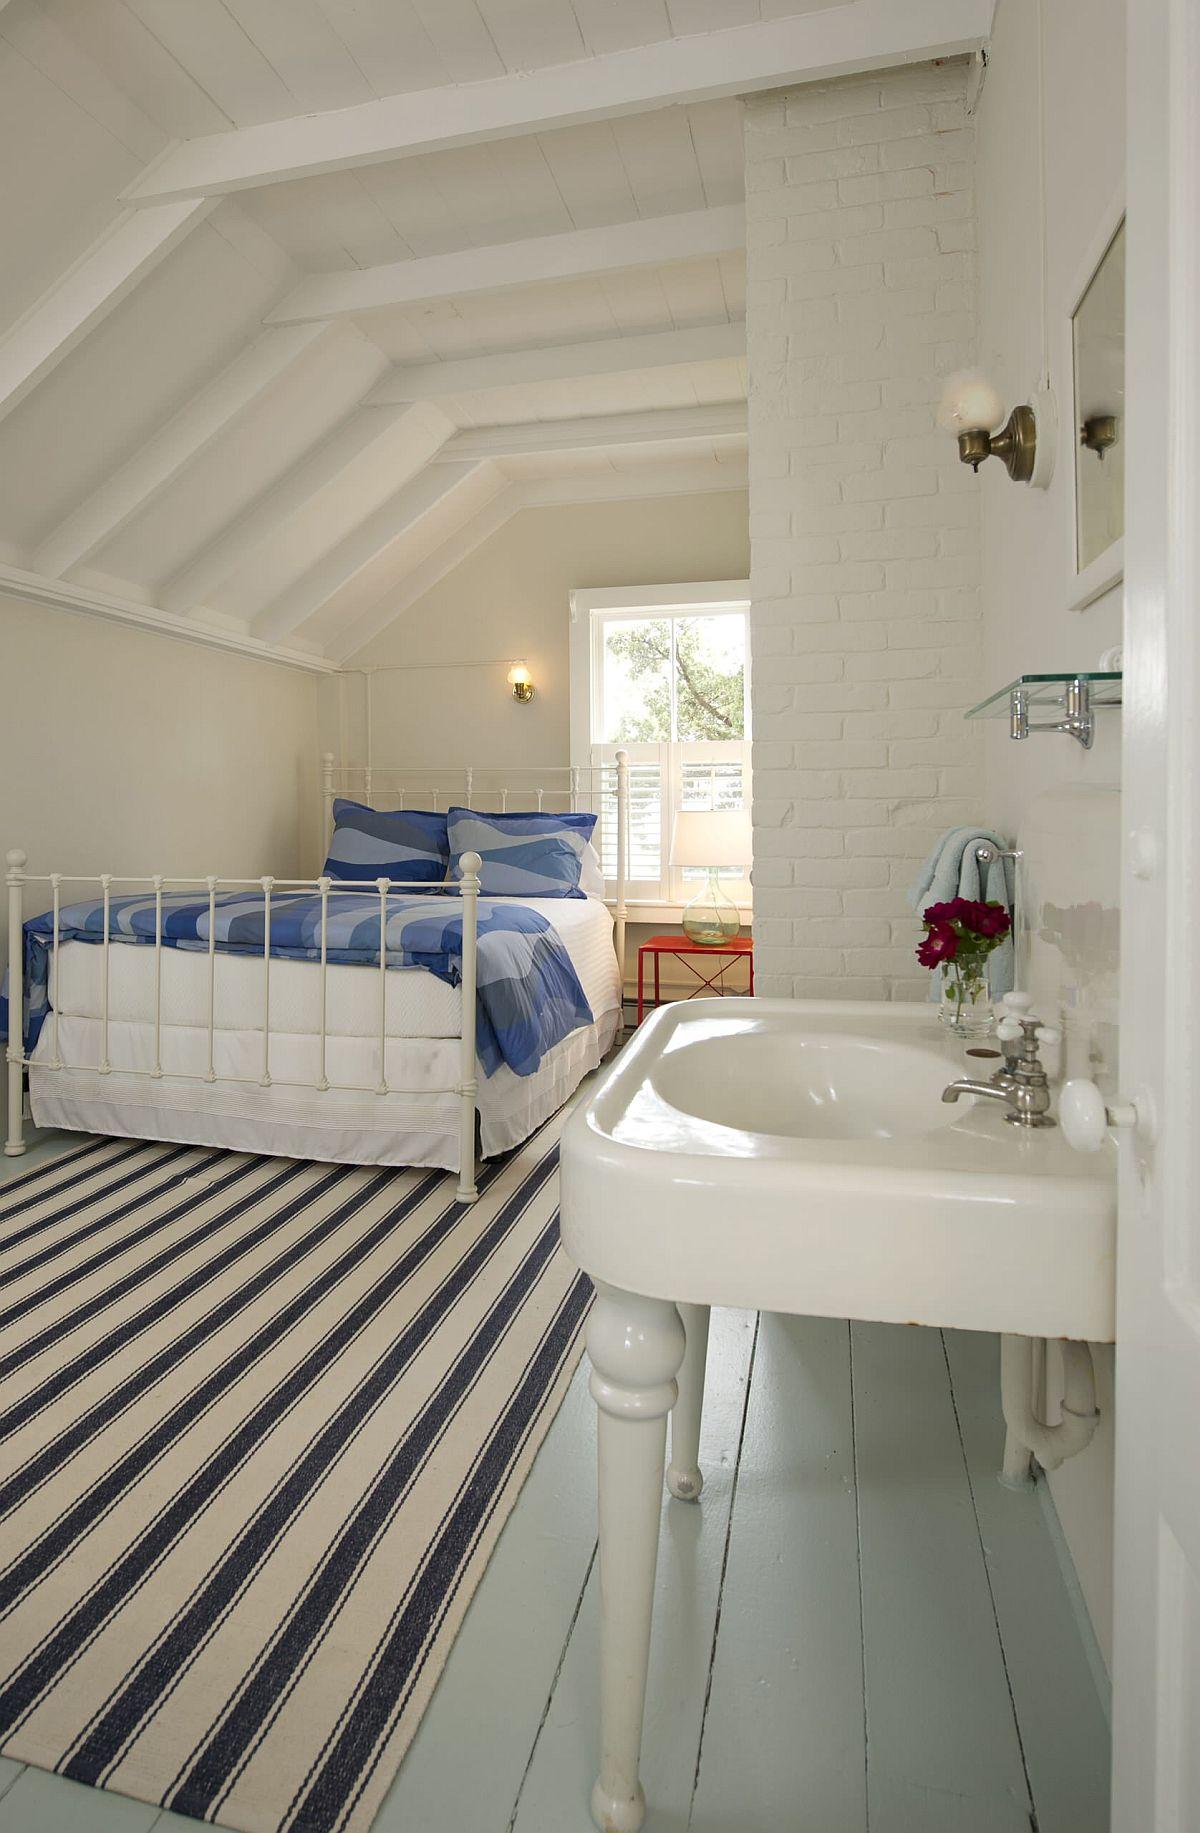 Sơn sàn phòng ngủ: xu hướng tạo nên sự khác biệt năm 2021 - Ảnh 3.